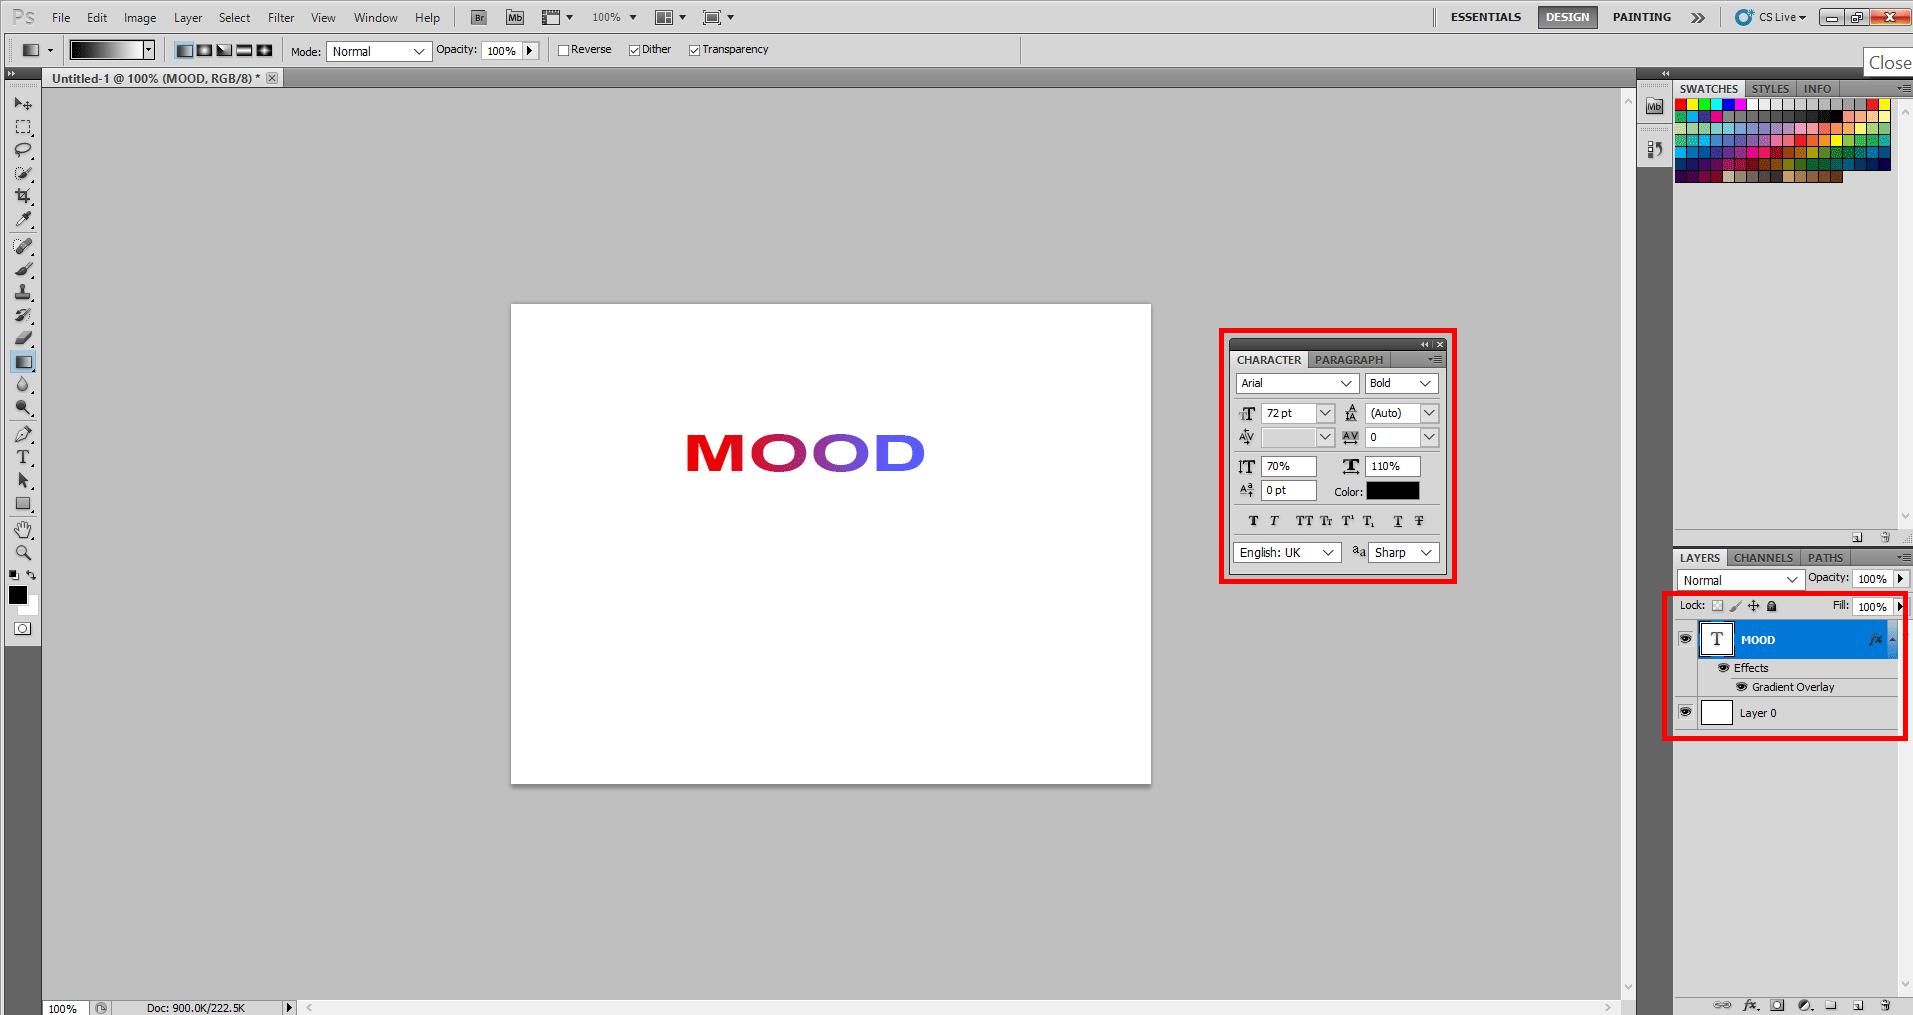 Adding Mood Sticker in Photoshop 12